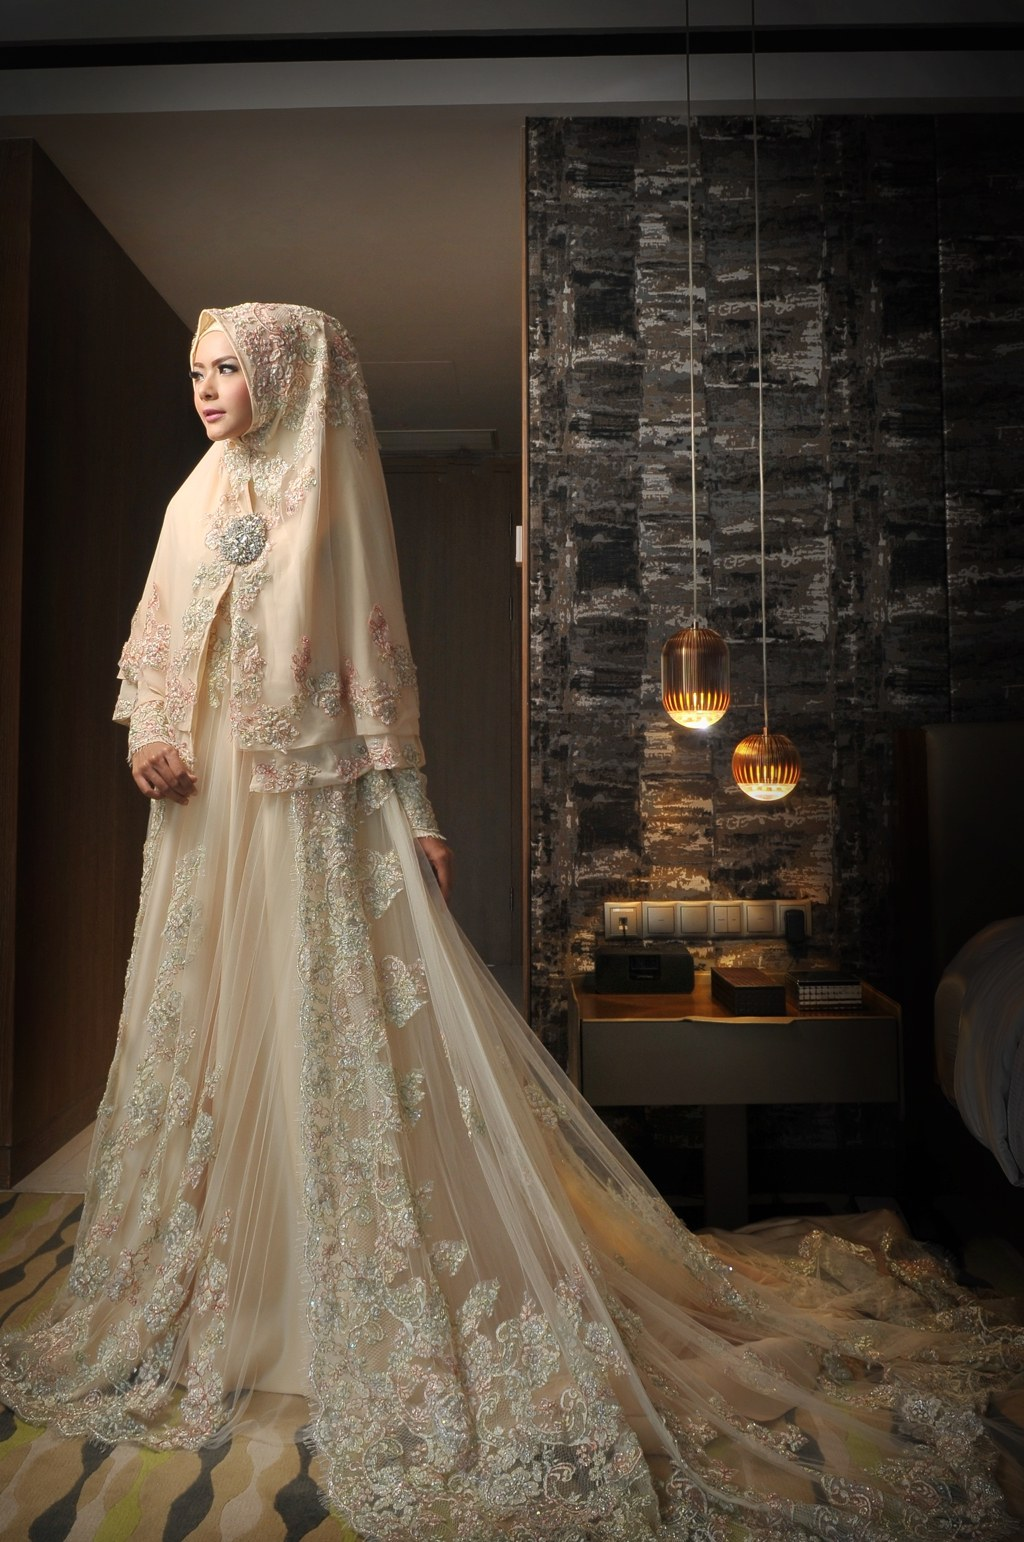 Bentuk Sewa Gaun Pengantin Muslimah Di solo 9ddf 82 Sewa Gaun Pengantin Dan Make Up